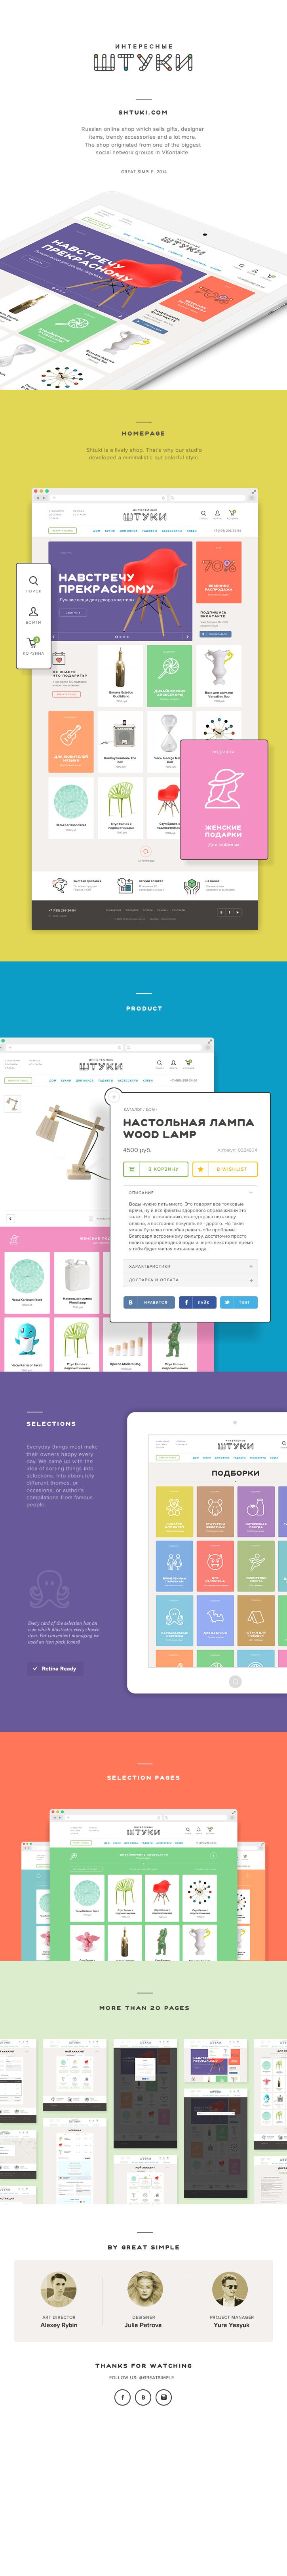 5 talentueux Webdesigners et Designers d'interface #7